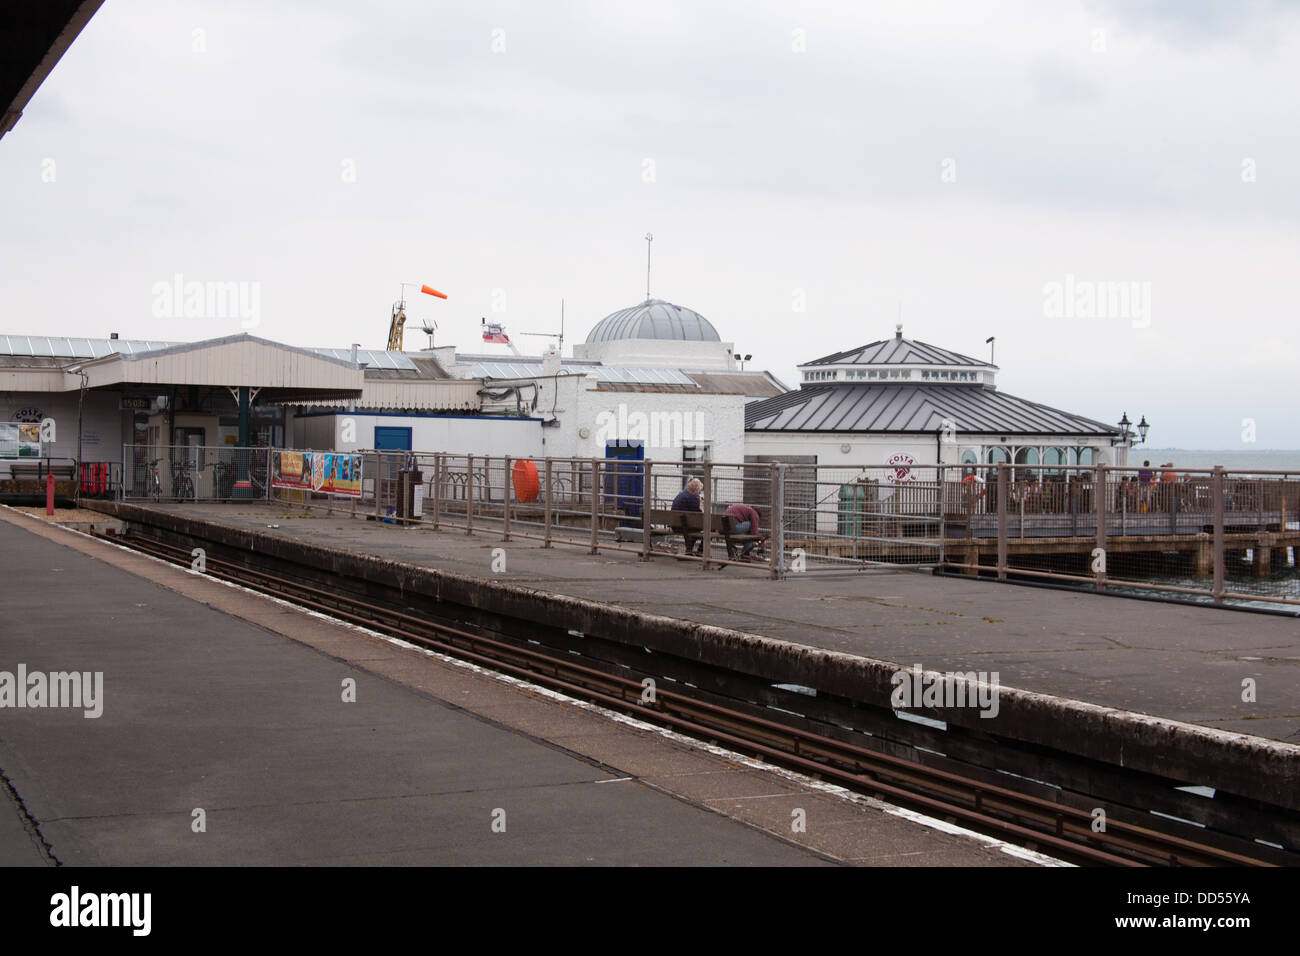 Ryde Pier railway station, Isle of Wight, Hampshire, England, United Kingdom. - Stock Image